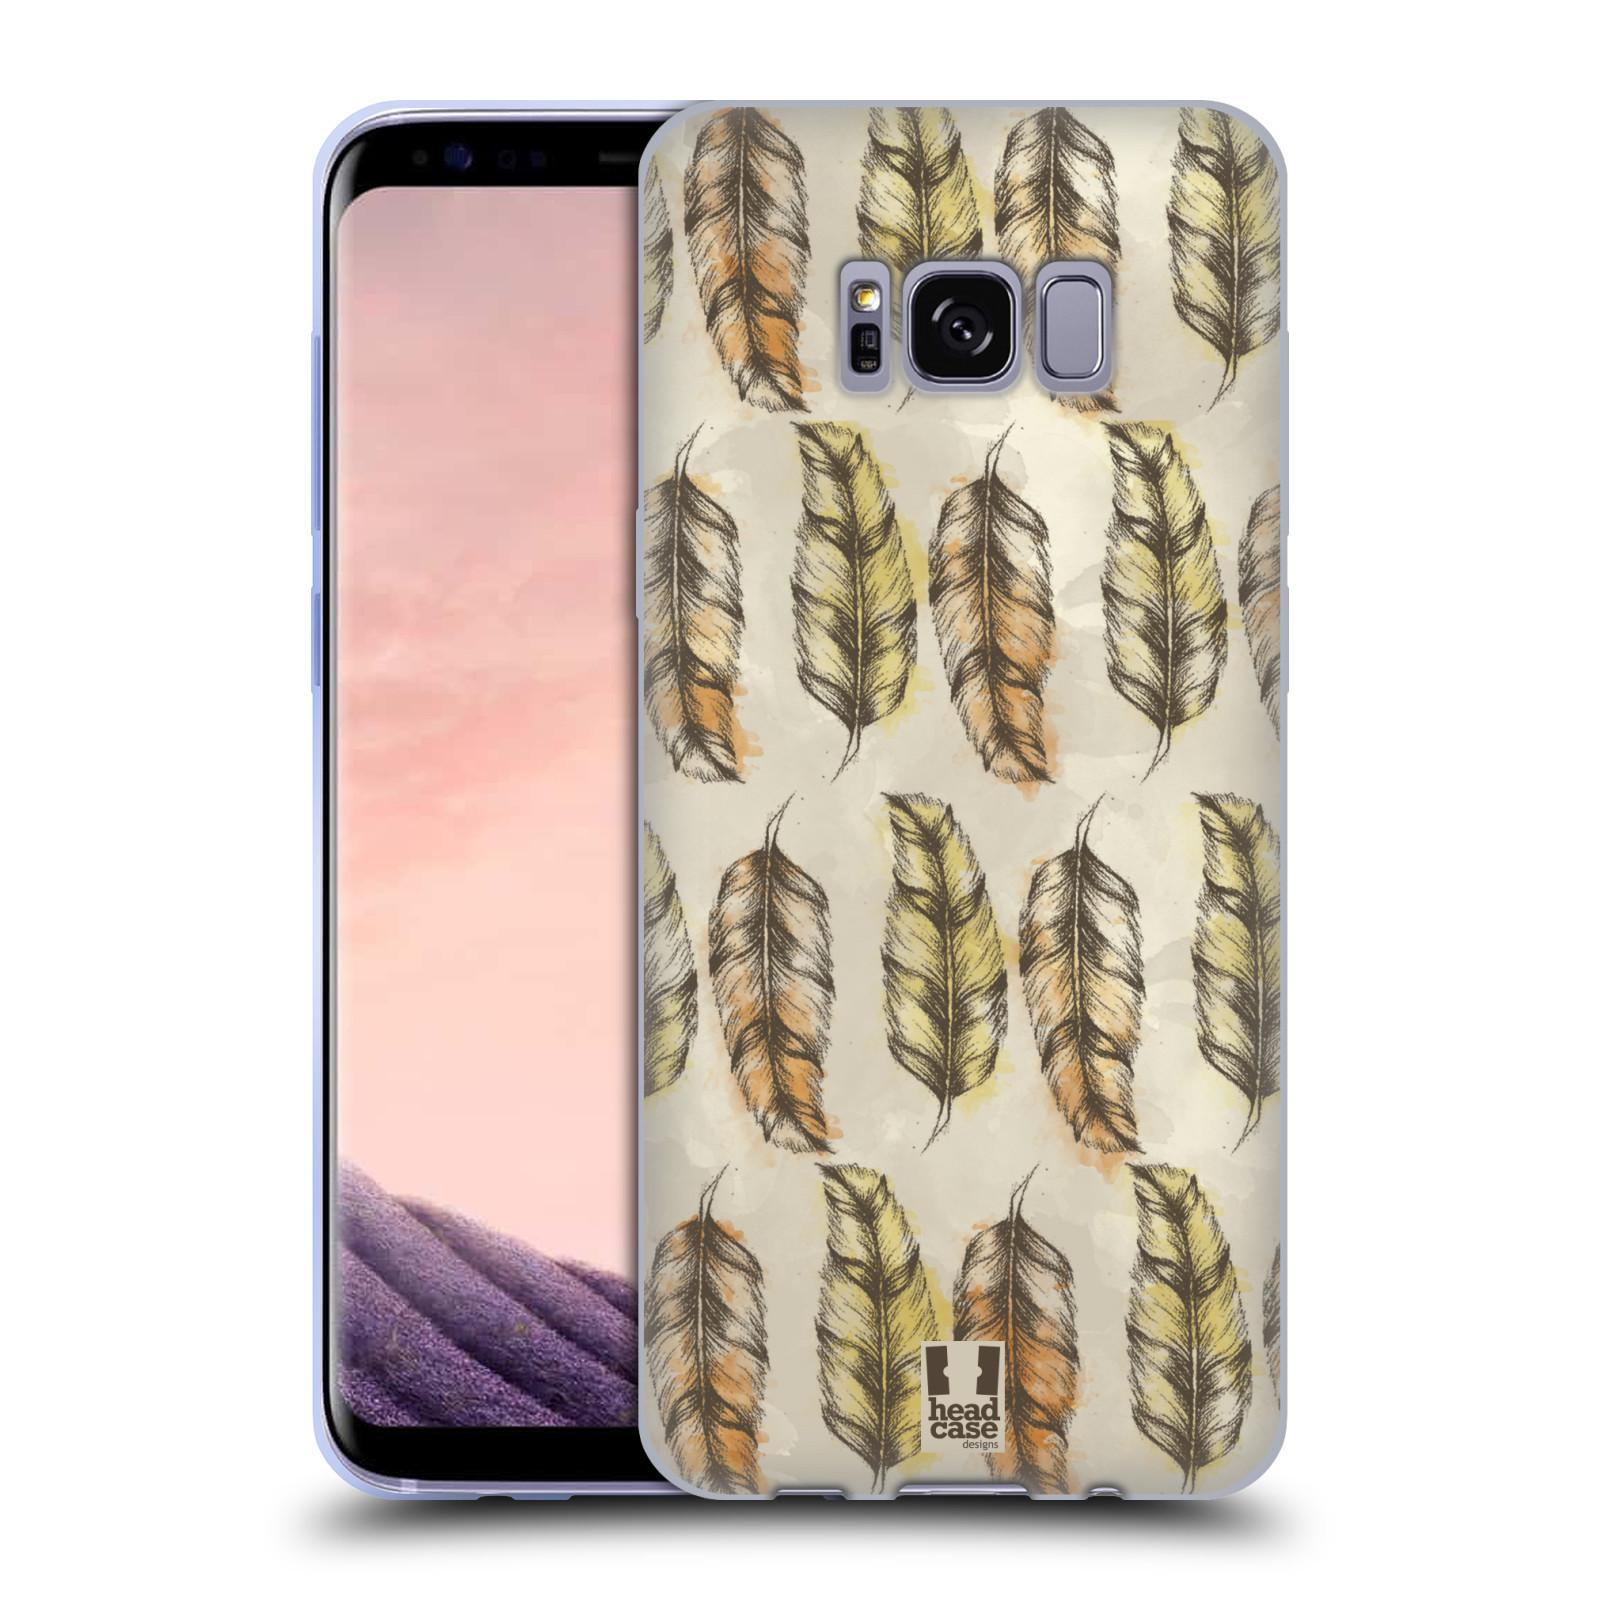 Silikonové pouzdro na mobil Samsung Galaxy S8 - Head Case - Bohémská pírka (Silikonový kryt či obal na mobilní telefon s motivem Bohemian Soul pro Samsung Galaxy S8 SM-G9500)